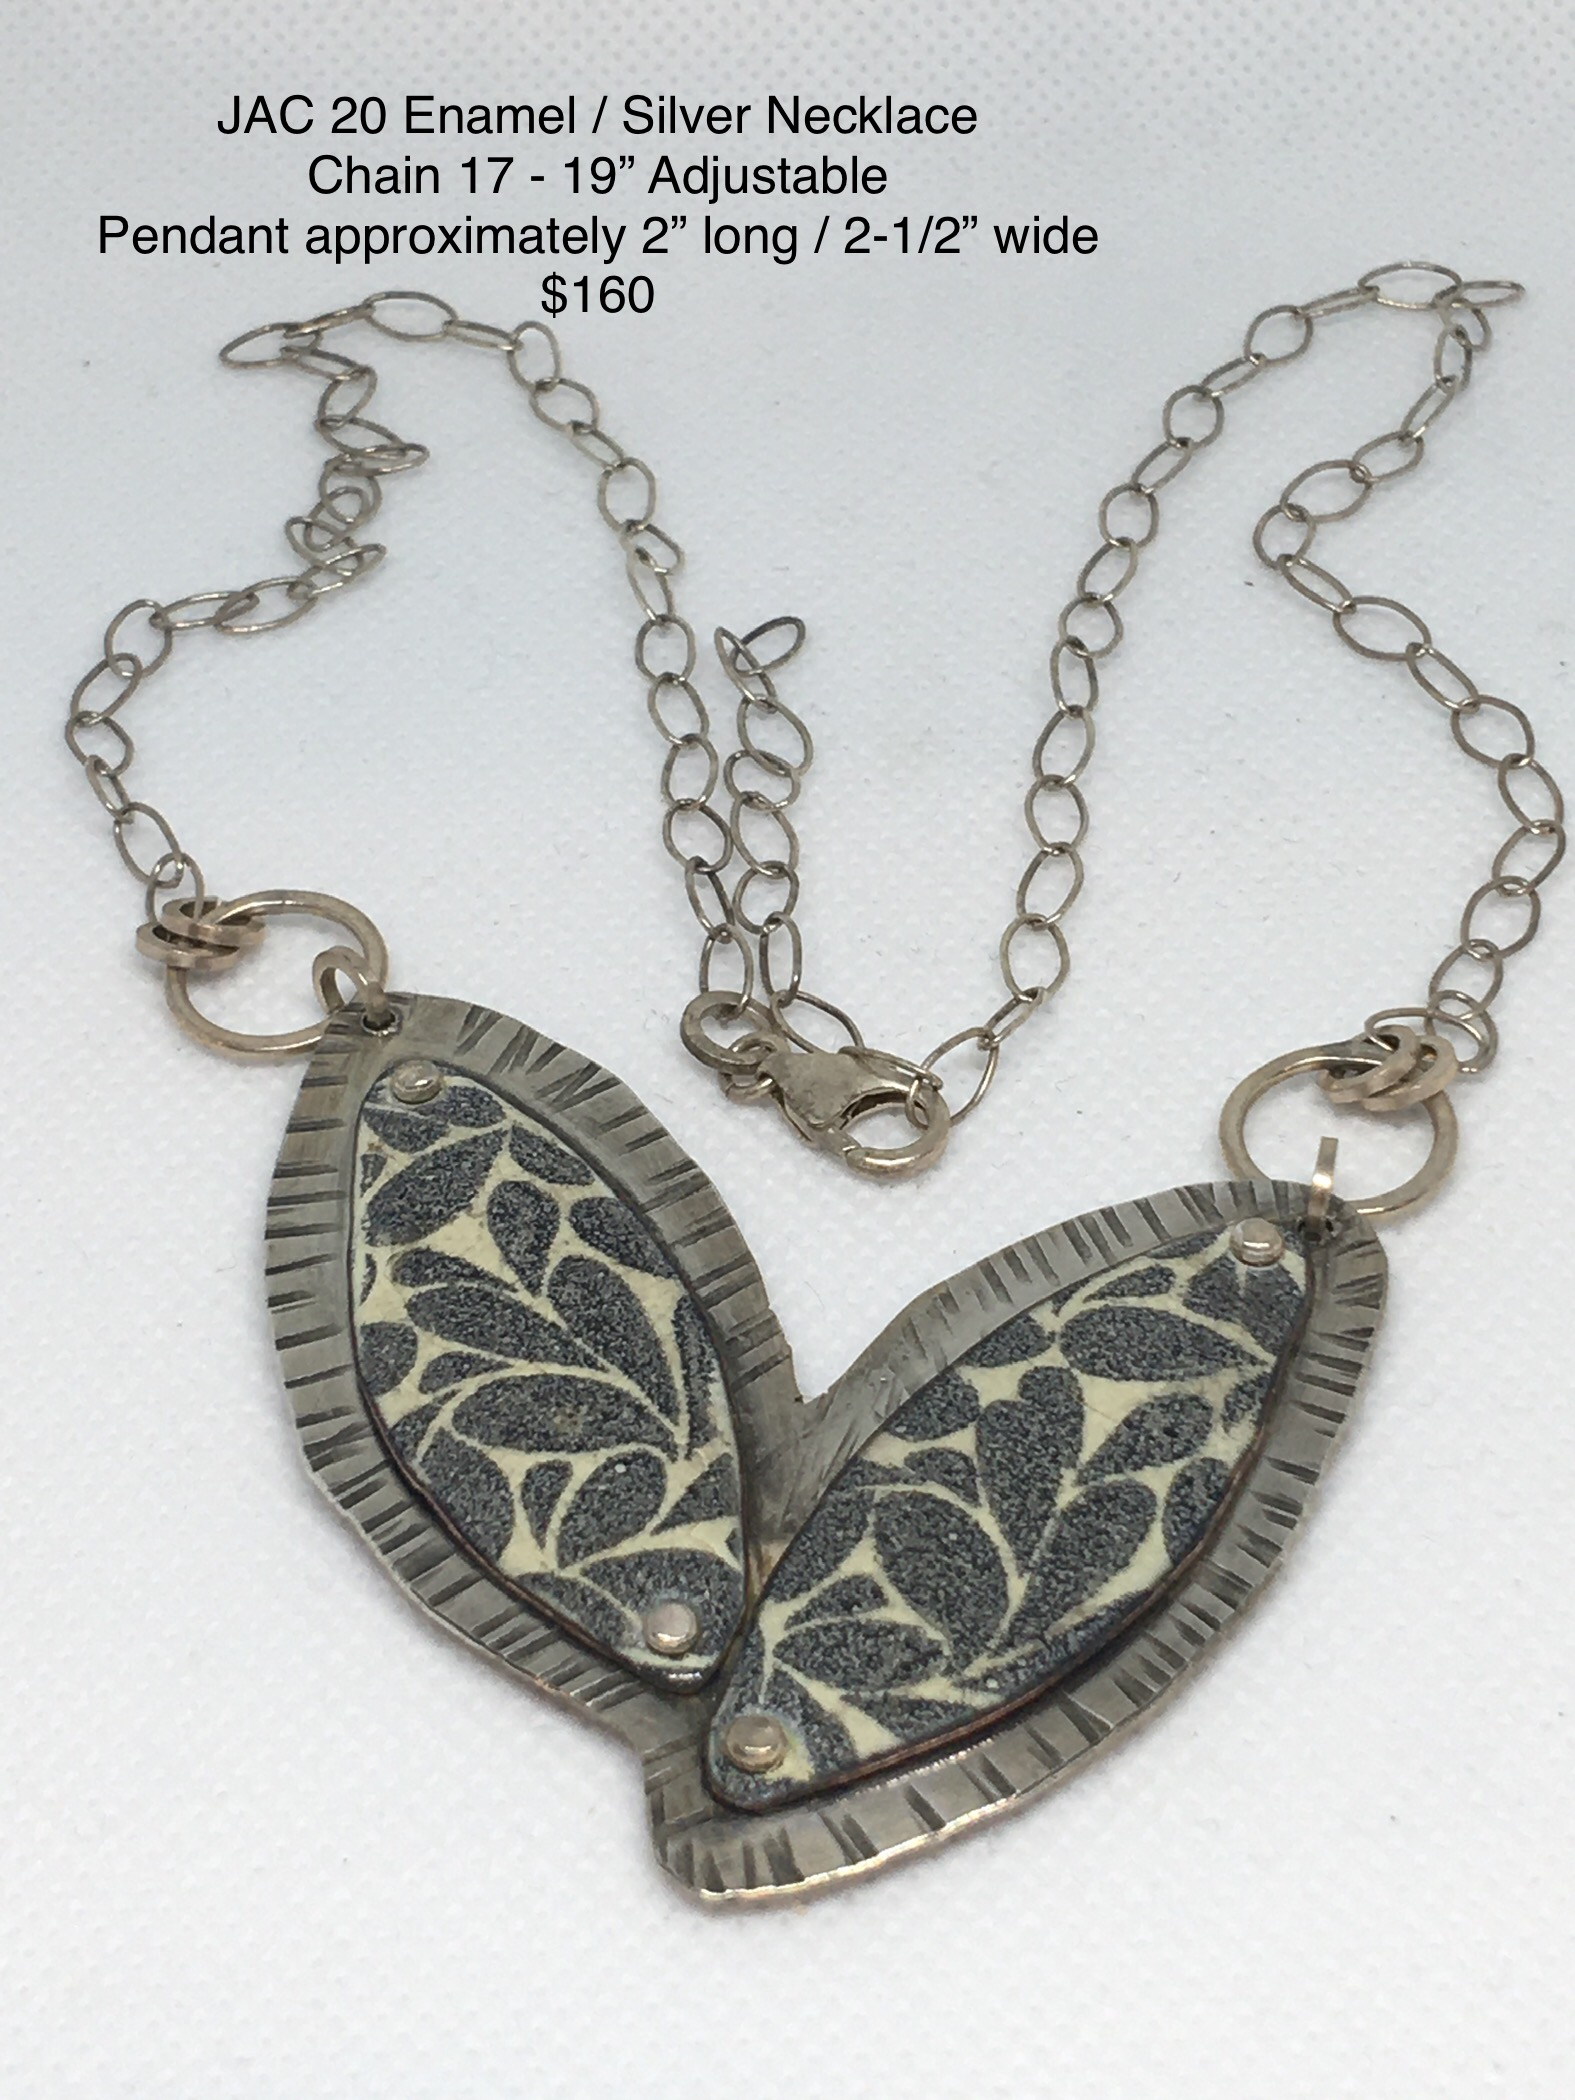 JAC#20-neck-silver-enamel-black-white-3115